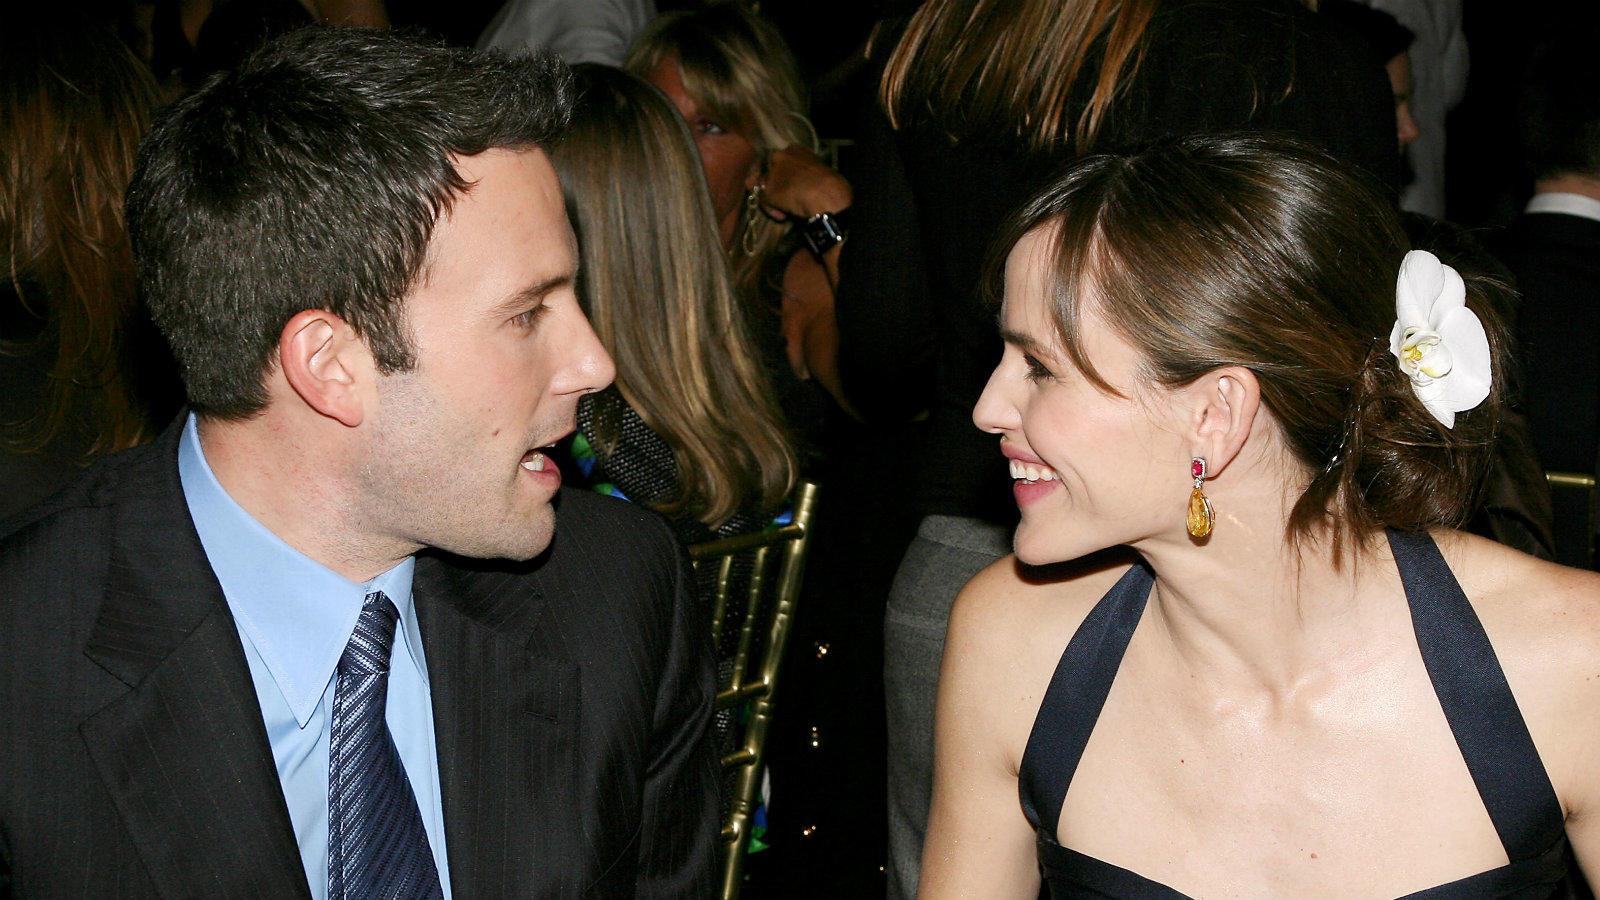 Azt követően lettek jóban, hogy több filmben is együtt dolgoztak, majd Ben és Jennifer végül 2004-ben randizgatni kezdett, aztán egy évvel később össze is házasodtak. Minden tökéletesnek tűnt kettejük között, mindaddig, míg 2015-ben jött a hír, elválnak. Ezt végül két évvel később mondták ki, ugyanakkor Garner úgy tűnik, nem szakadt el teljesen férjétől, legutóbb például ő vitte be az elvonóra. (Dave Allocca/StarPix/Shutterstock)